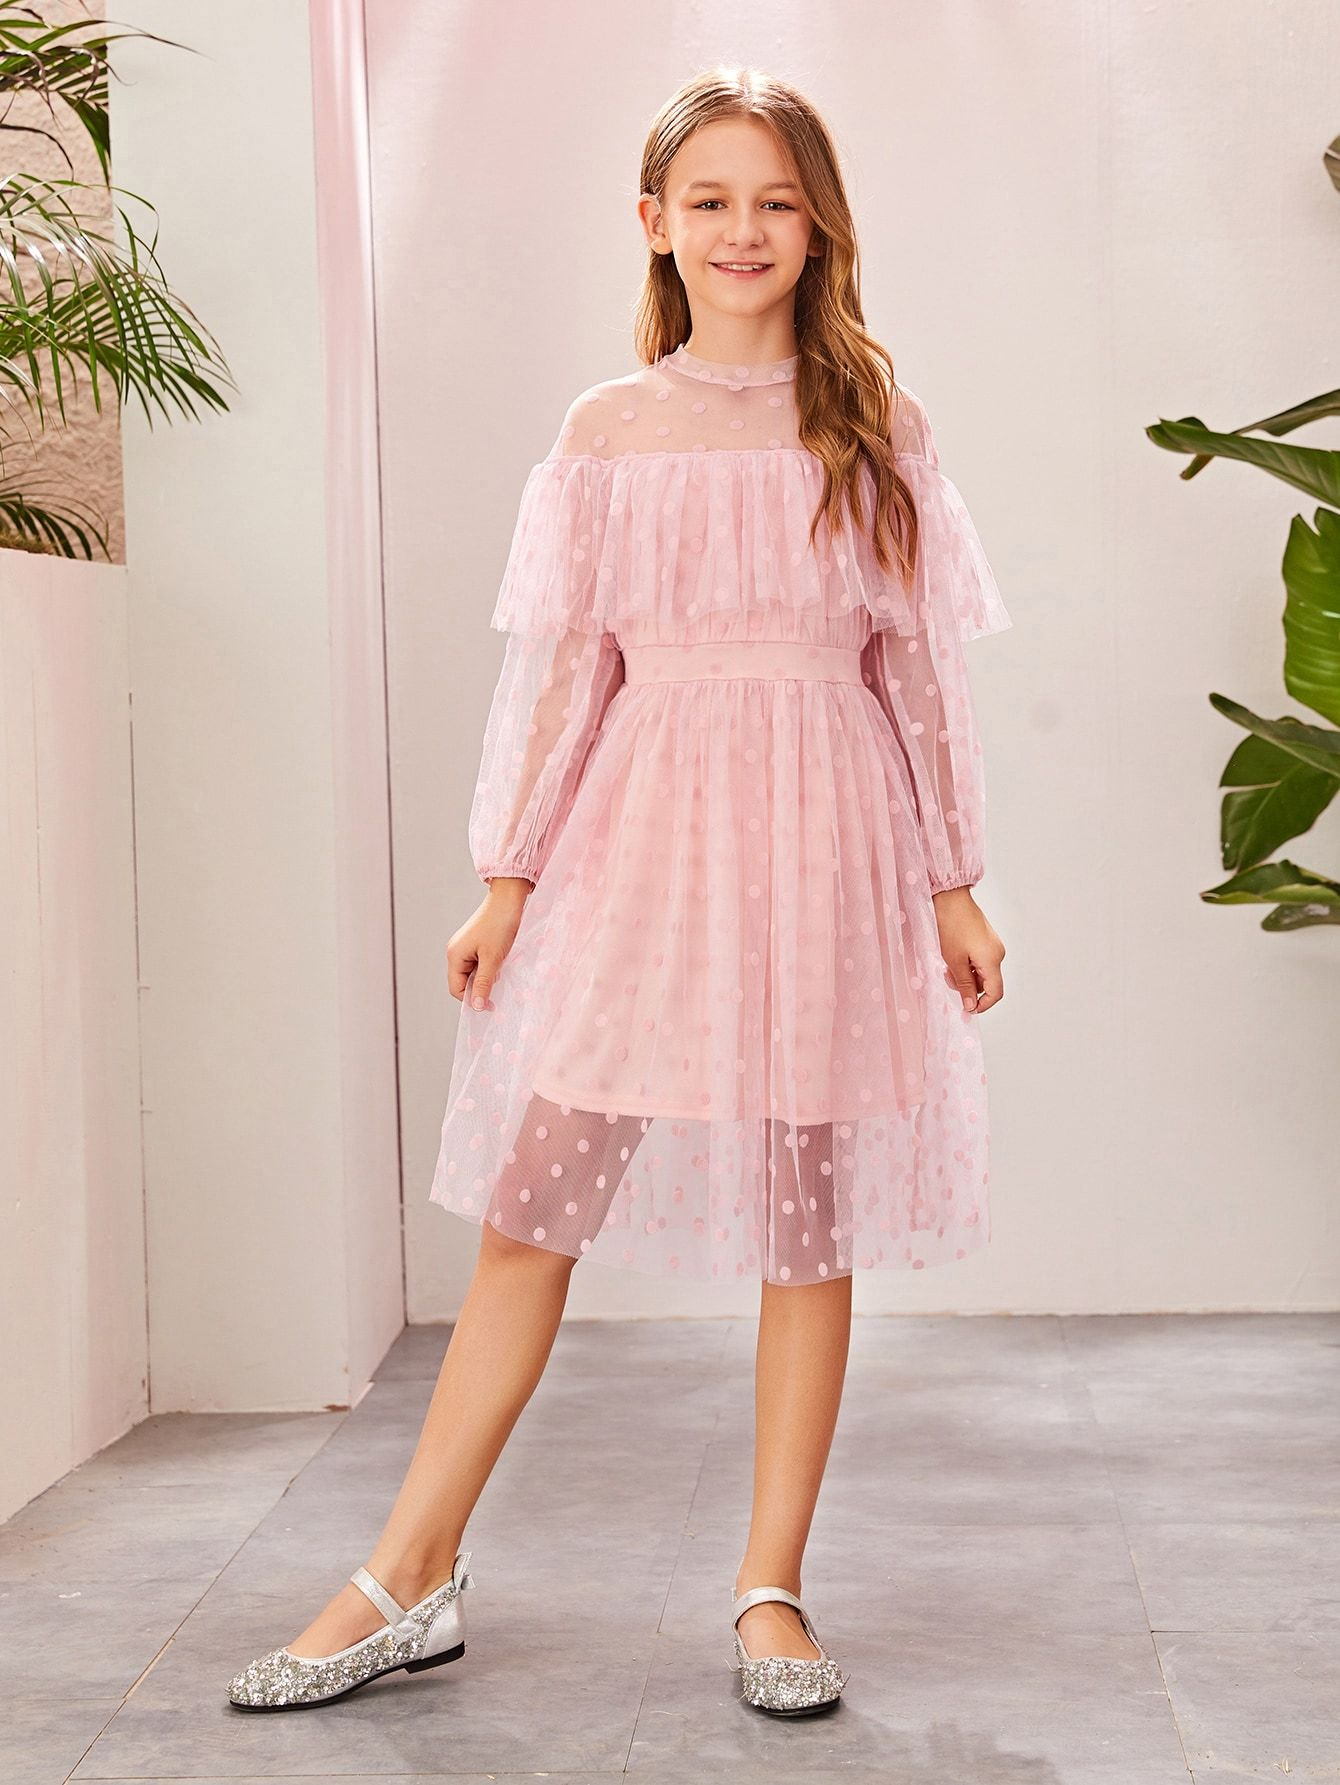 Girls Ruffle Foldover Front Dobby Mesh Overlay Dress #Sponsored